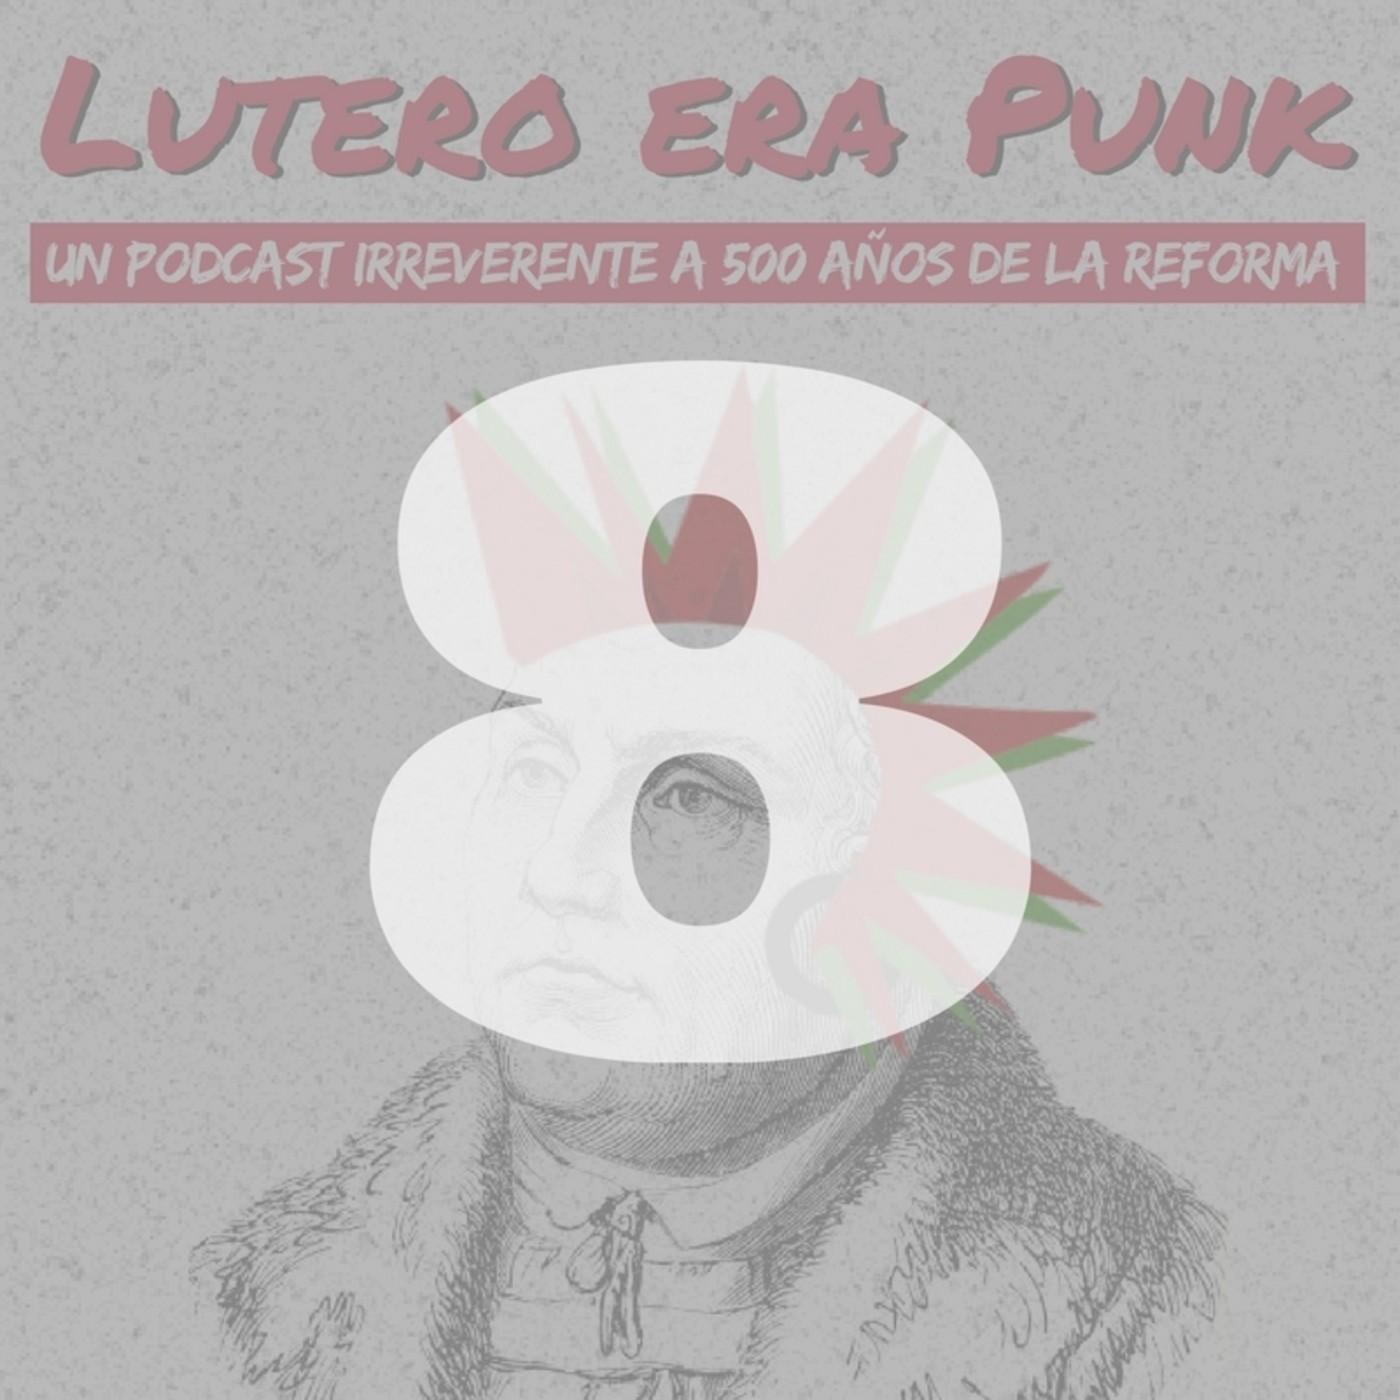 Lutero era punk | Capítulo 8